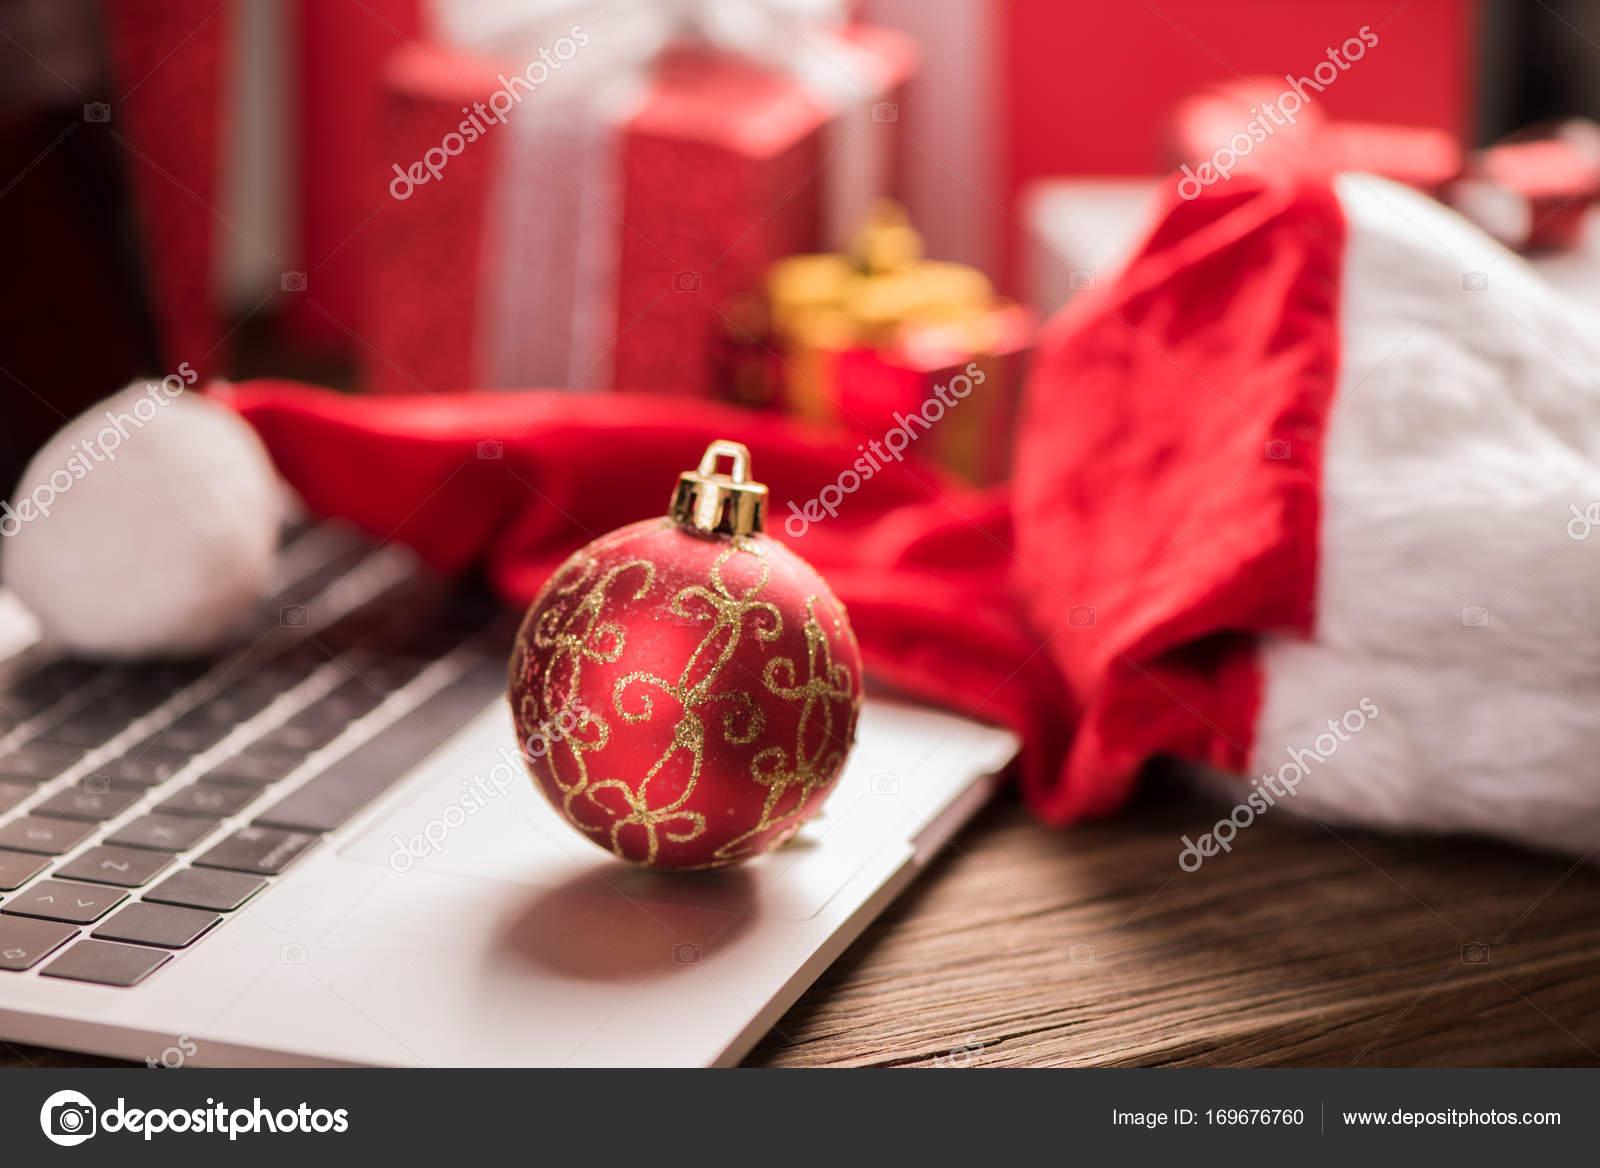 Beste Weihnachten Geschenke Idee — Stockfoto © FabioBalbi #169676760